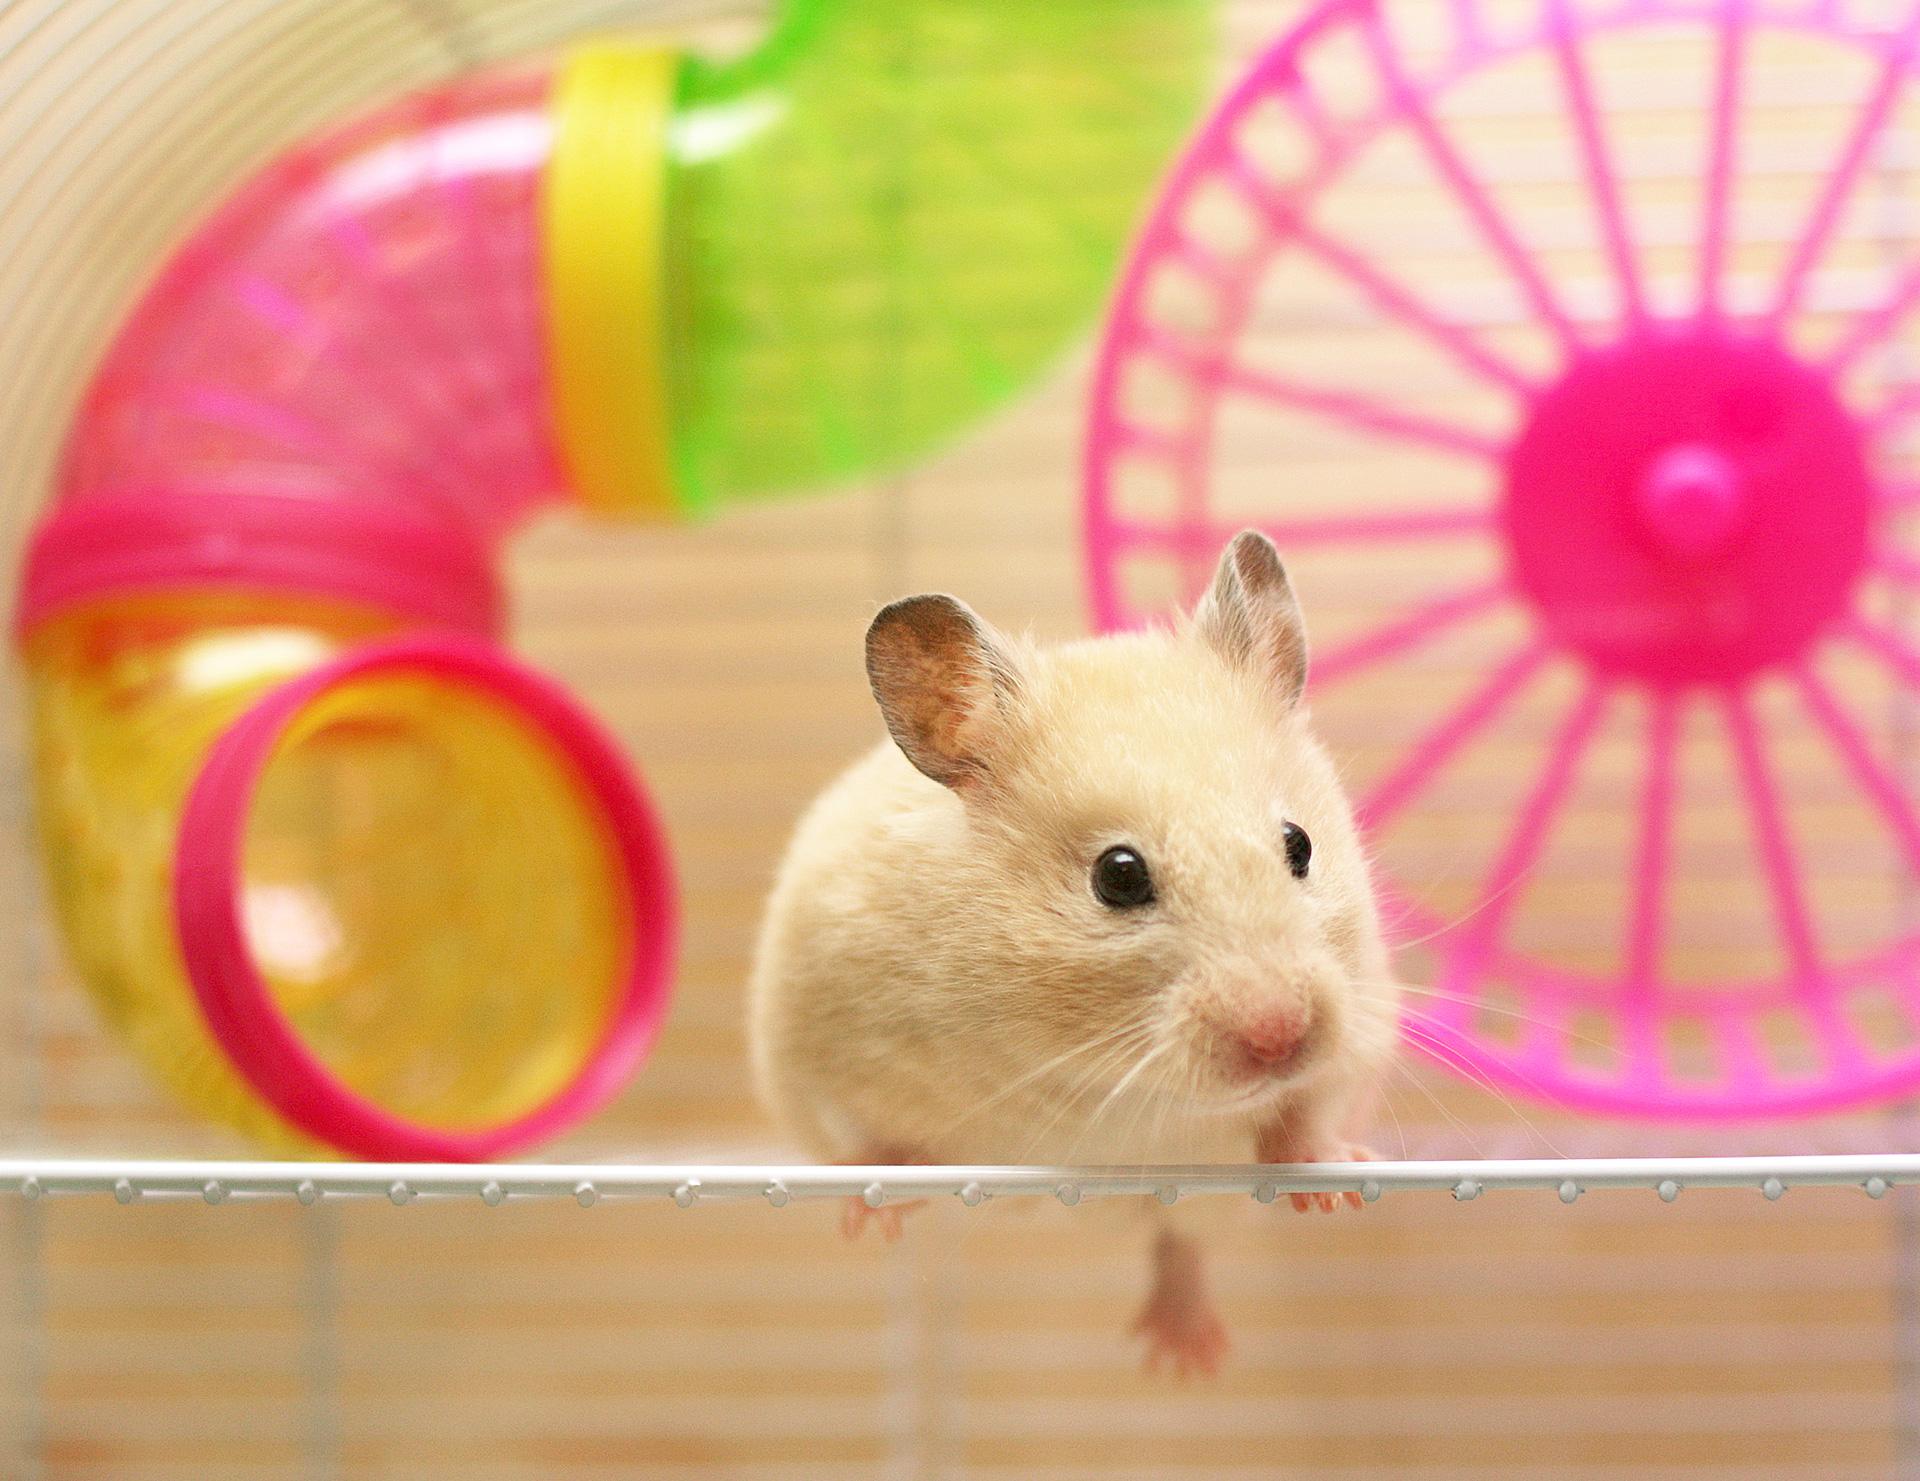 Hamsterkäfig Ratgeber 2021